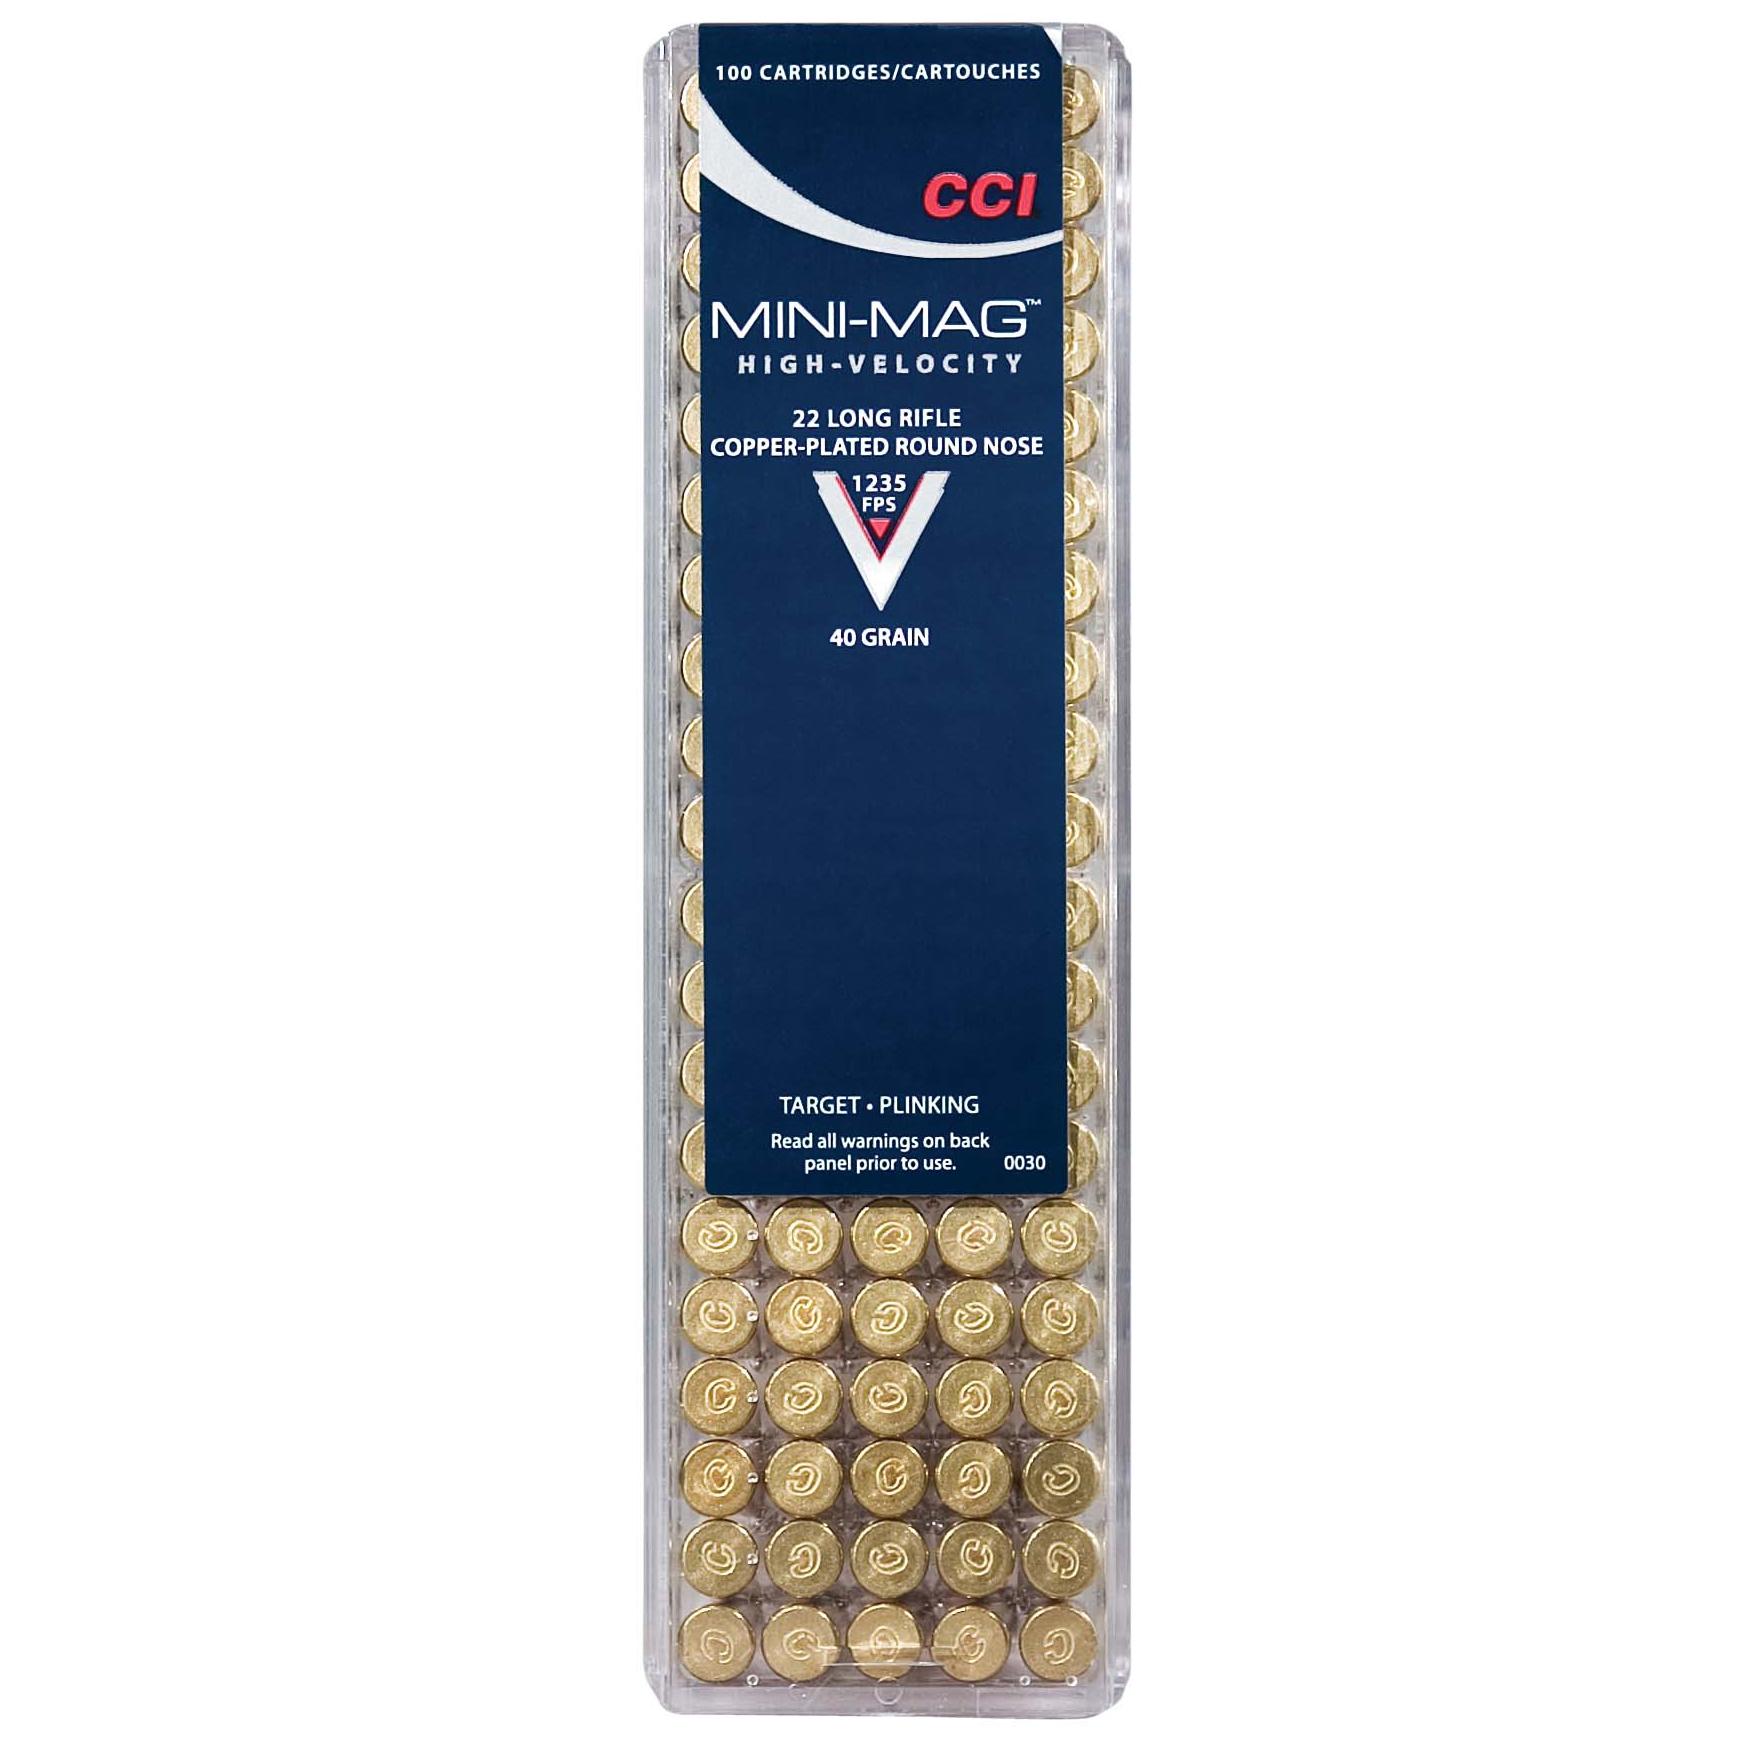 CCI Mini-Mag HV Varmint Ammunition, .22 LR, 40-gr, CPRN